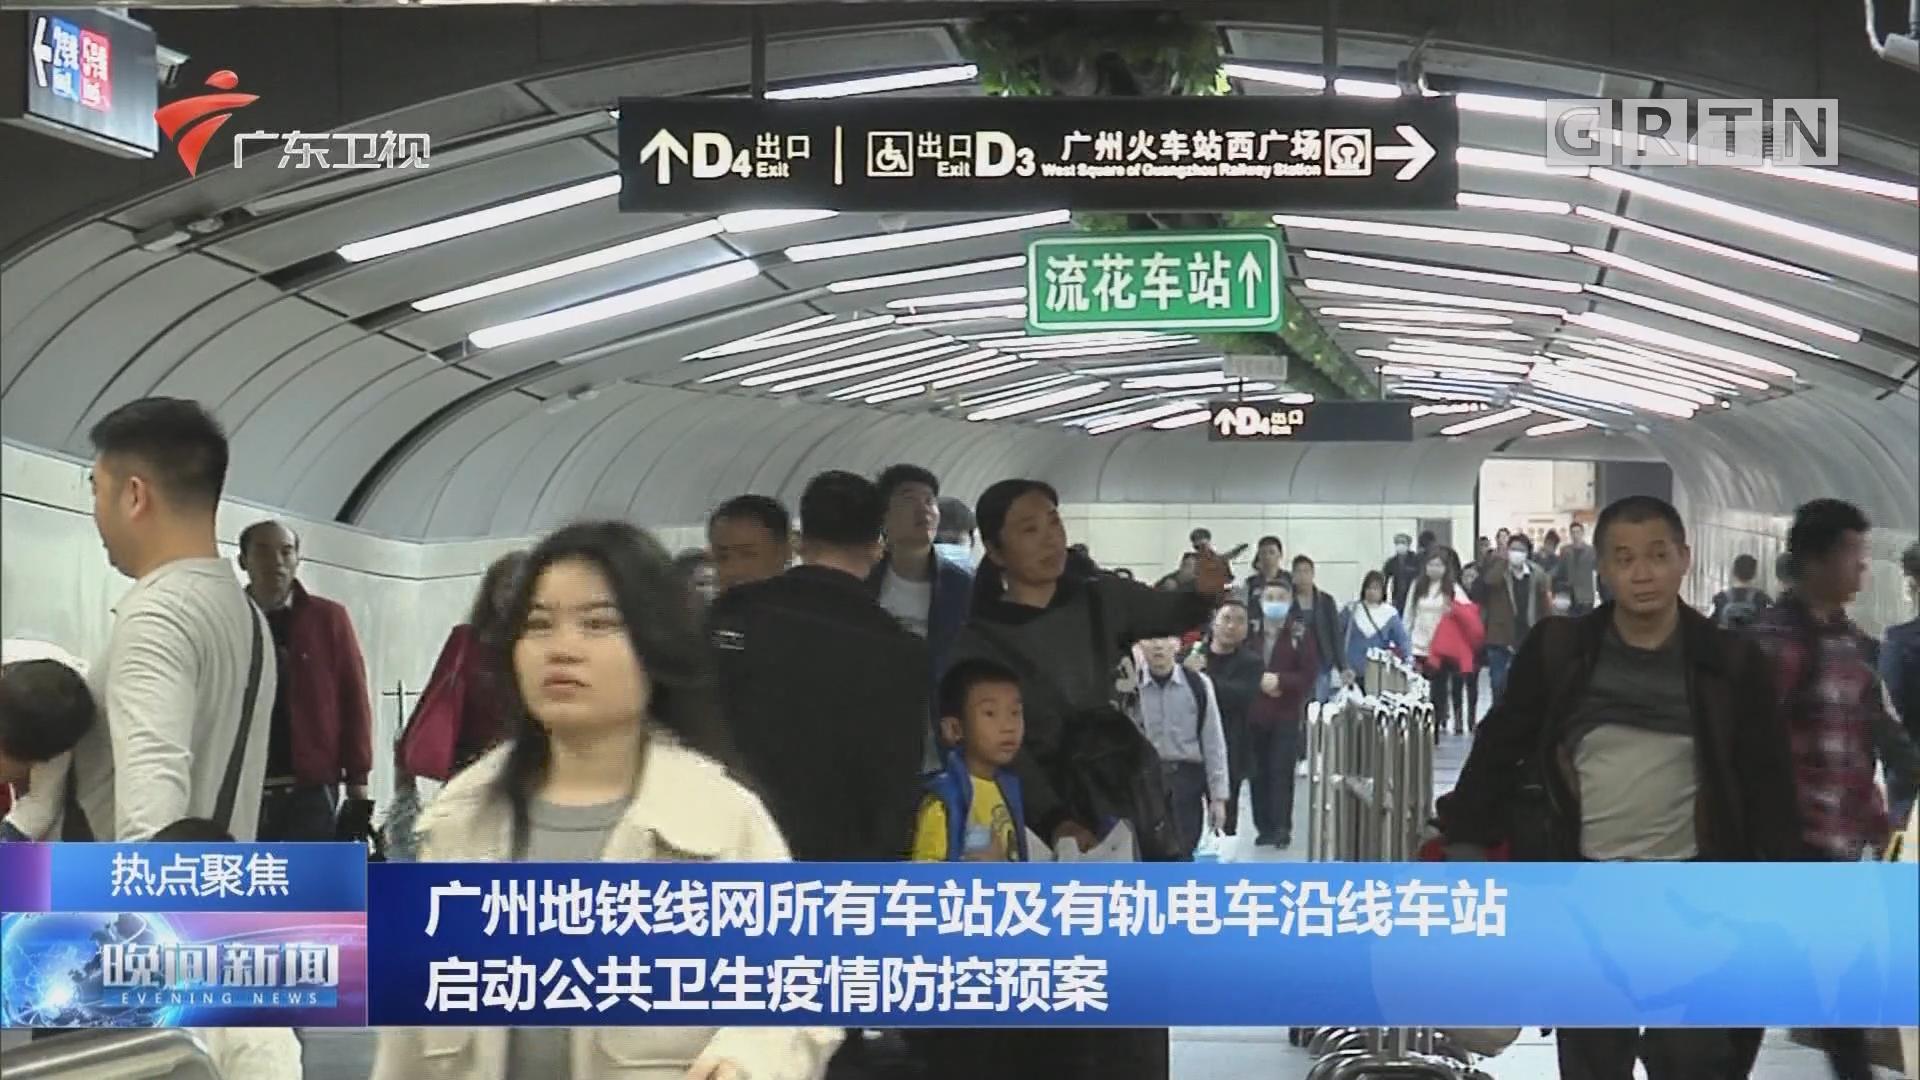 广州地铁线网所有车站及有轨电车沿线车站 启动公共卫生疫情防控预案